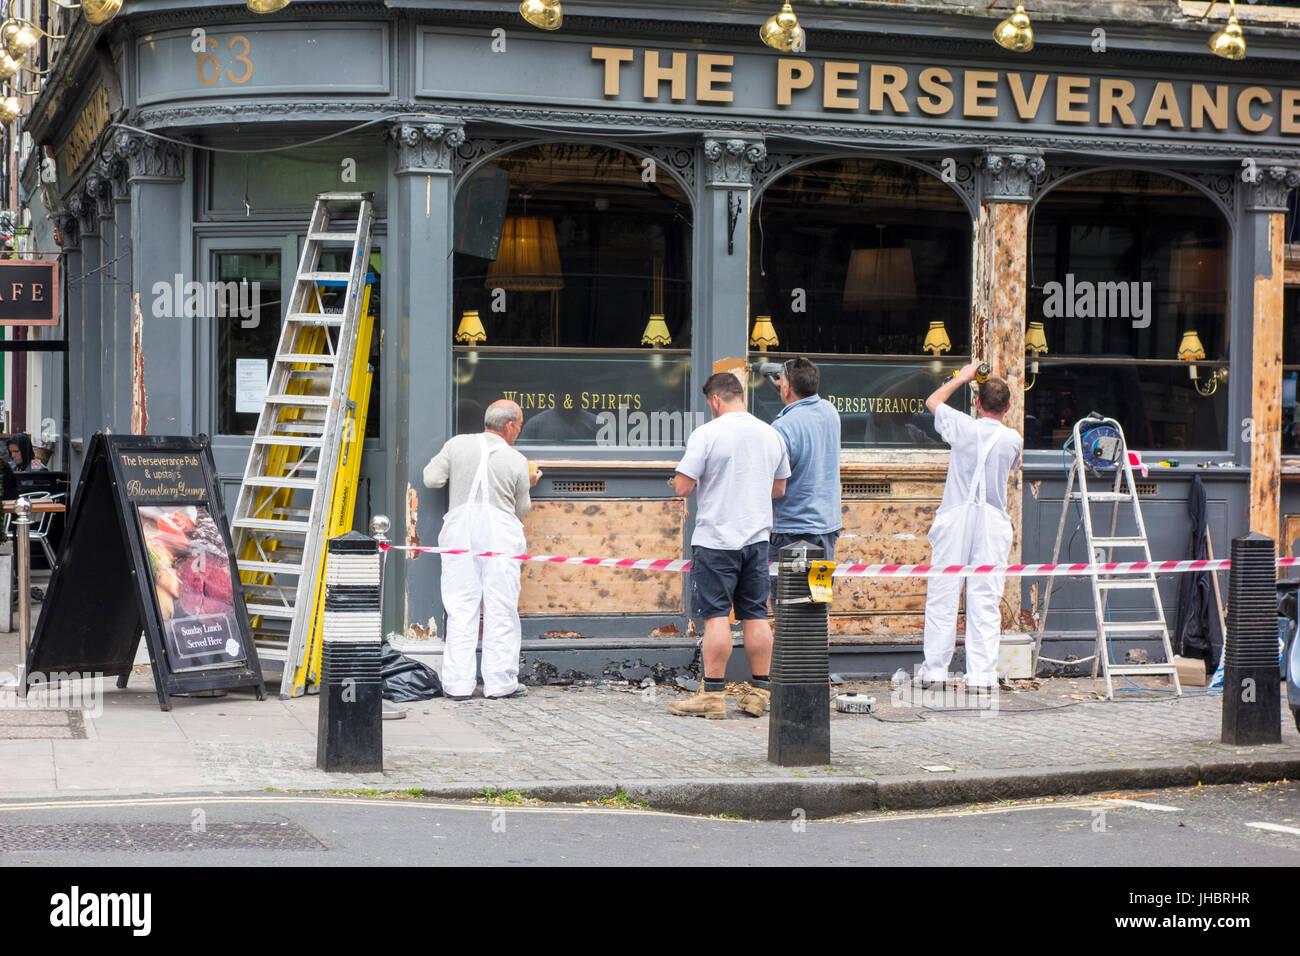 Workmen renovating the Perseverance pub bar London, UK - Stock Image